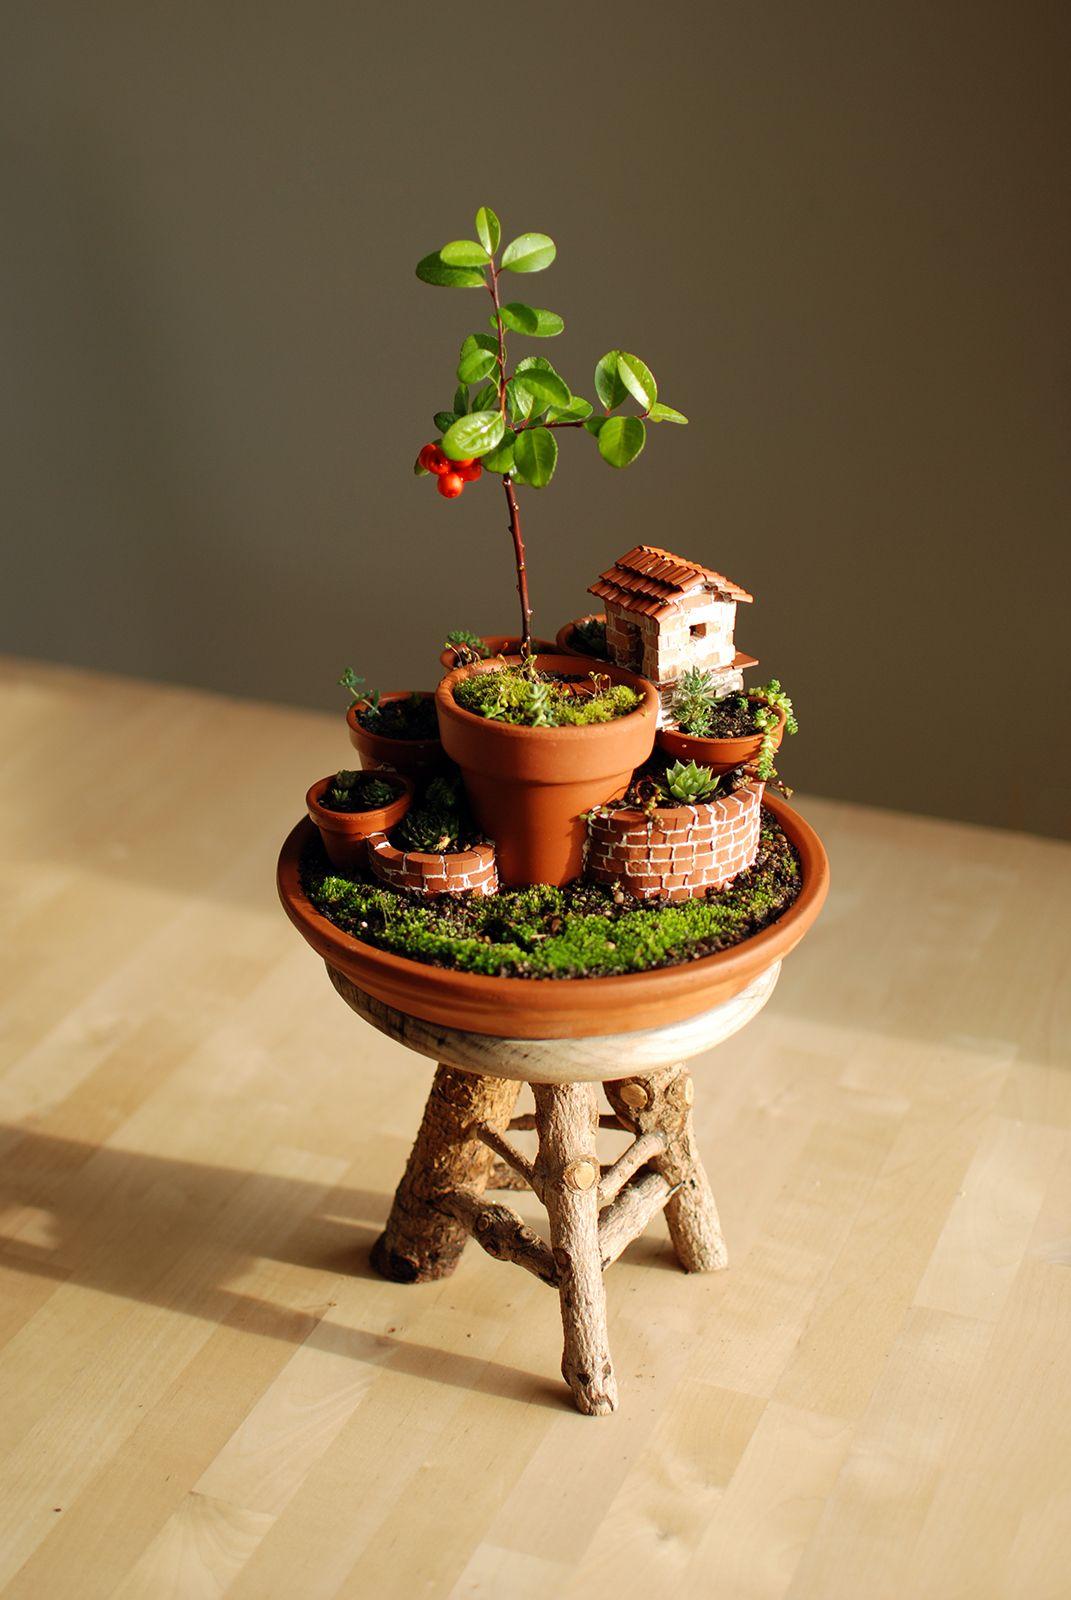 Monte de macetas con caba a del jardinero pots garden for Macetas miniatura